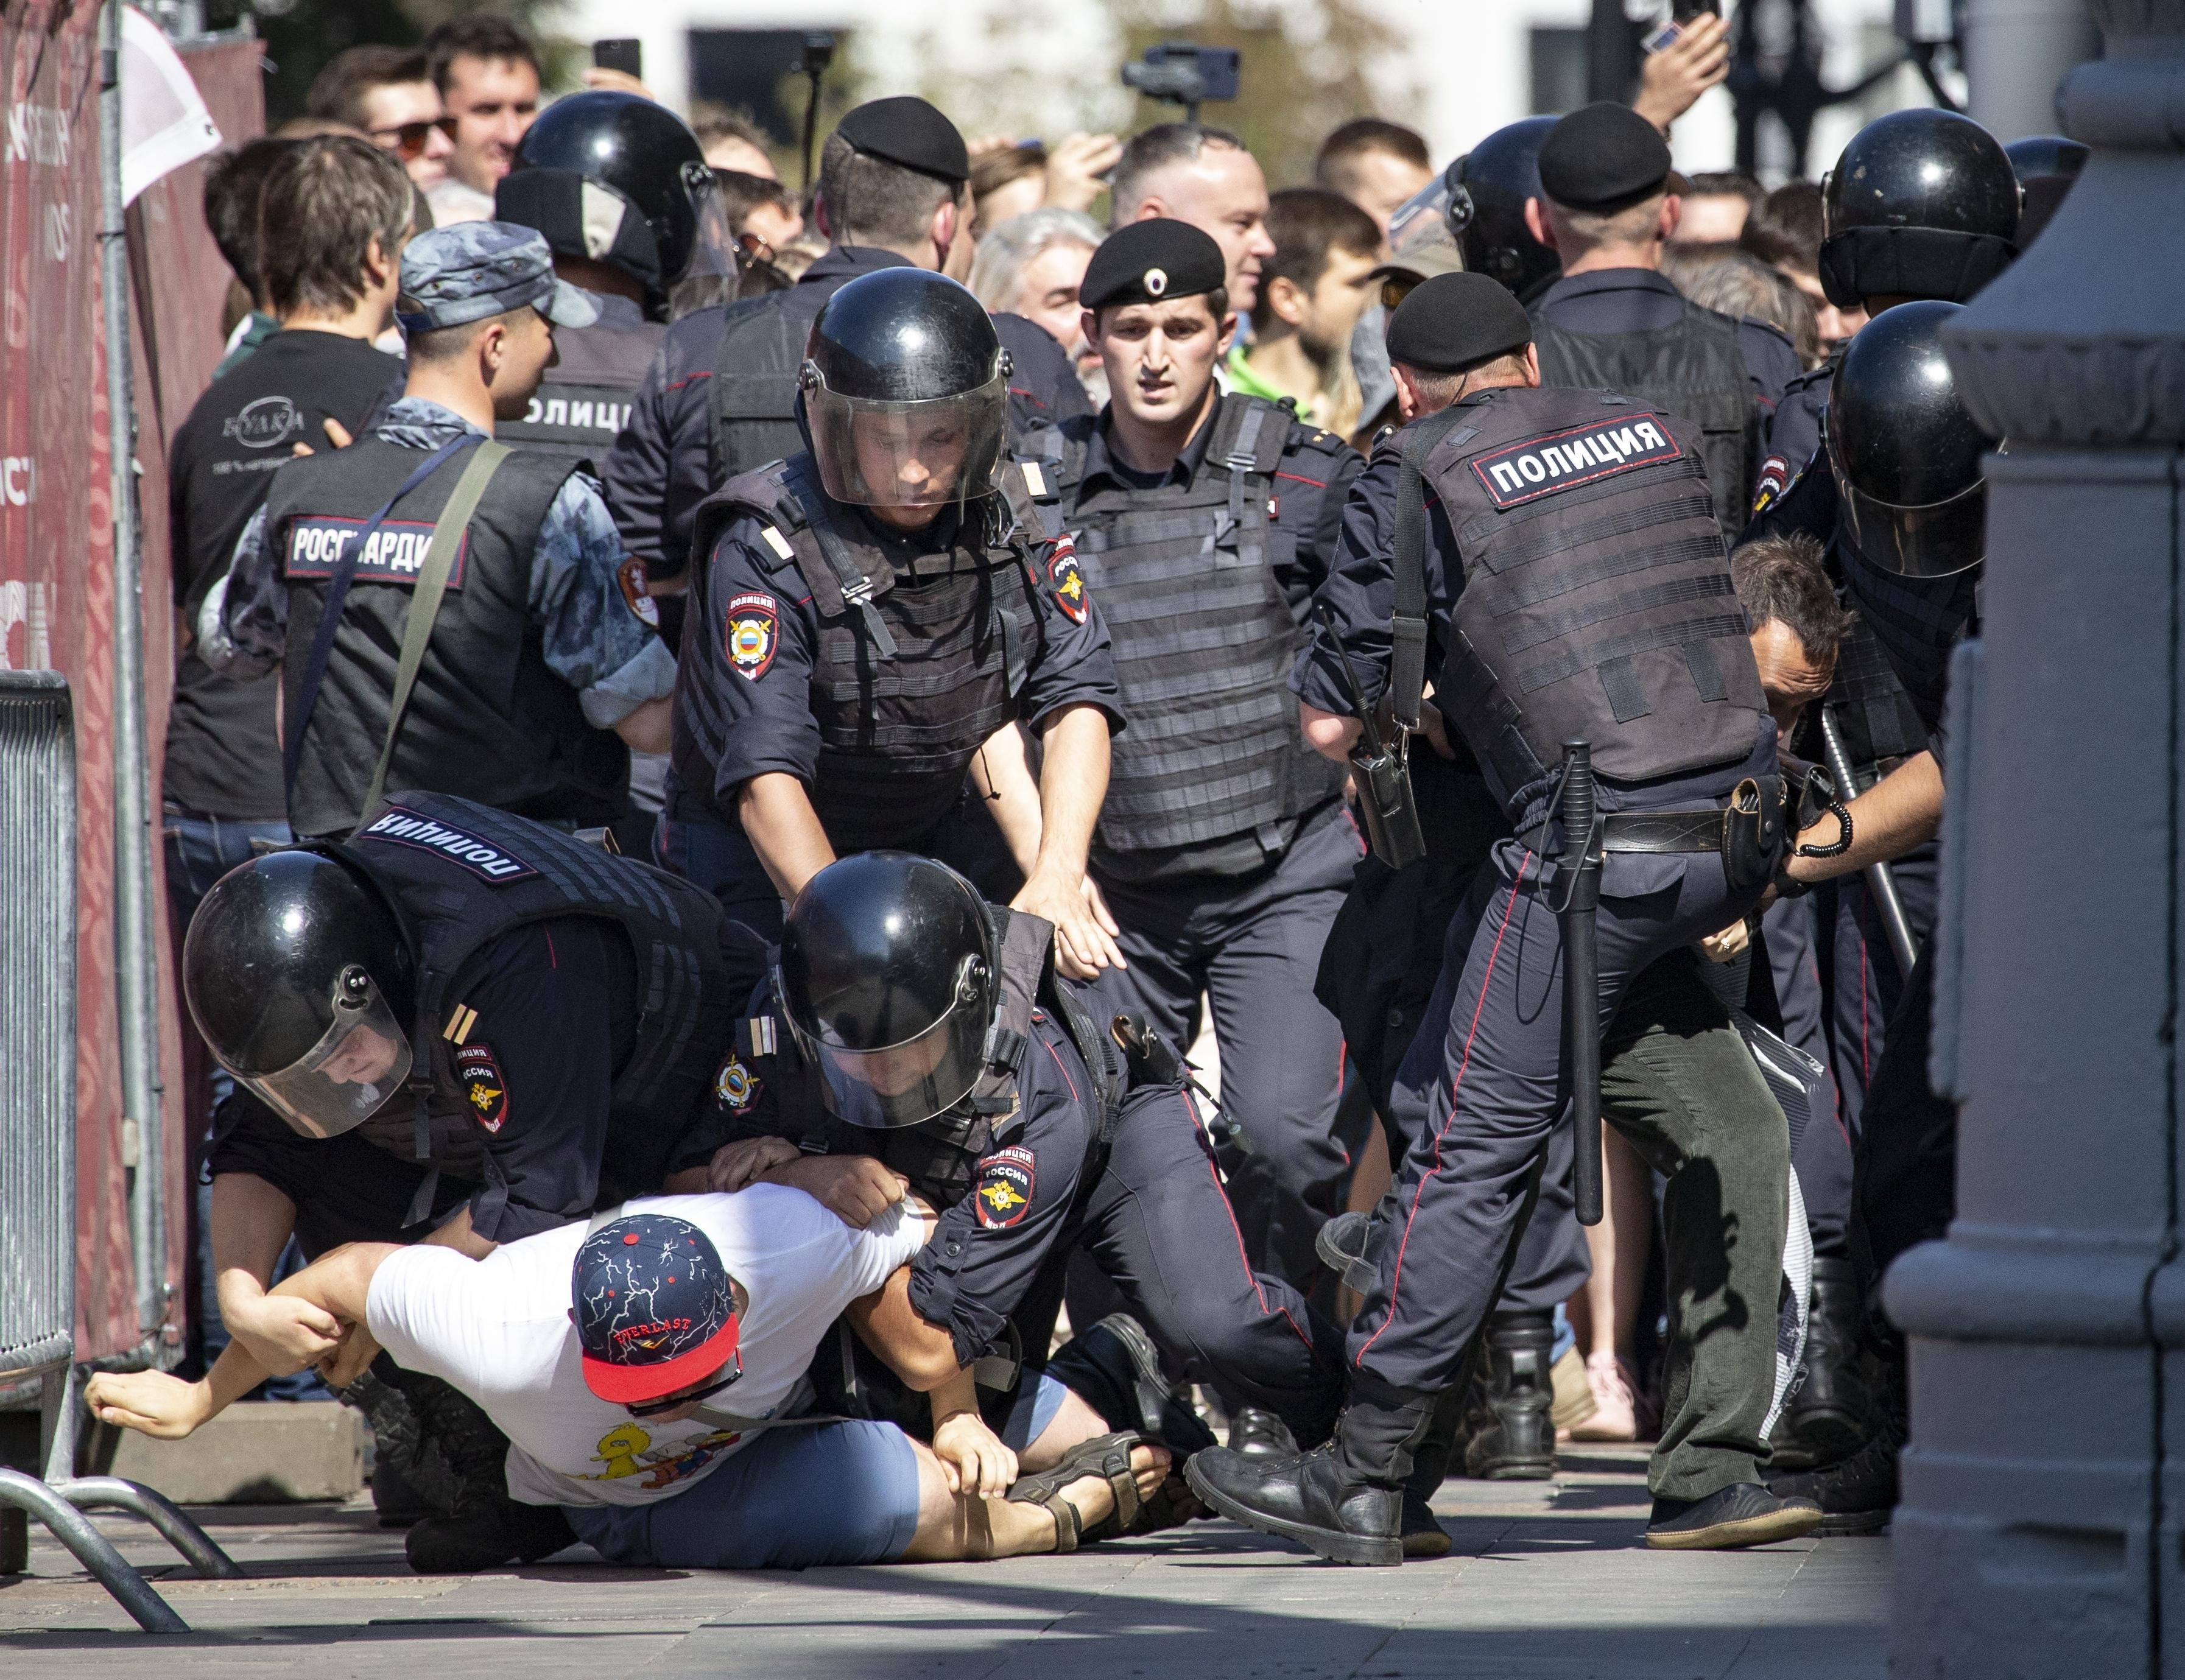 Moszkva szintet lépett az ellenzék üldözésében, a tüntetők elleni fellépések durvasága már a putyinistáknak is sok